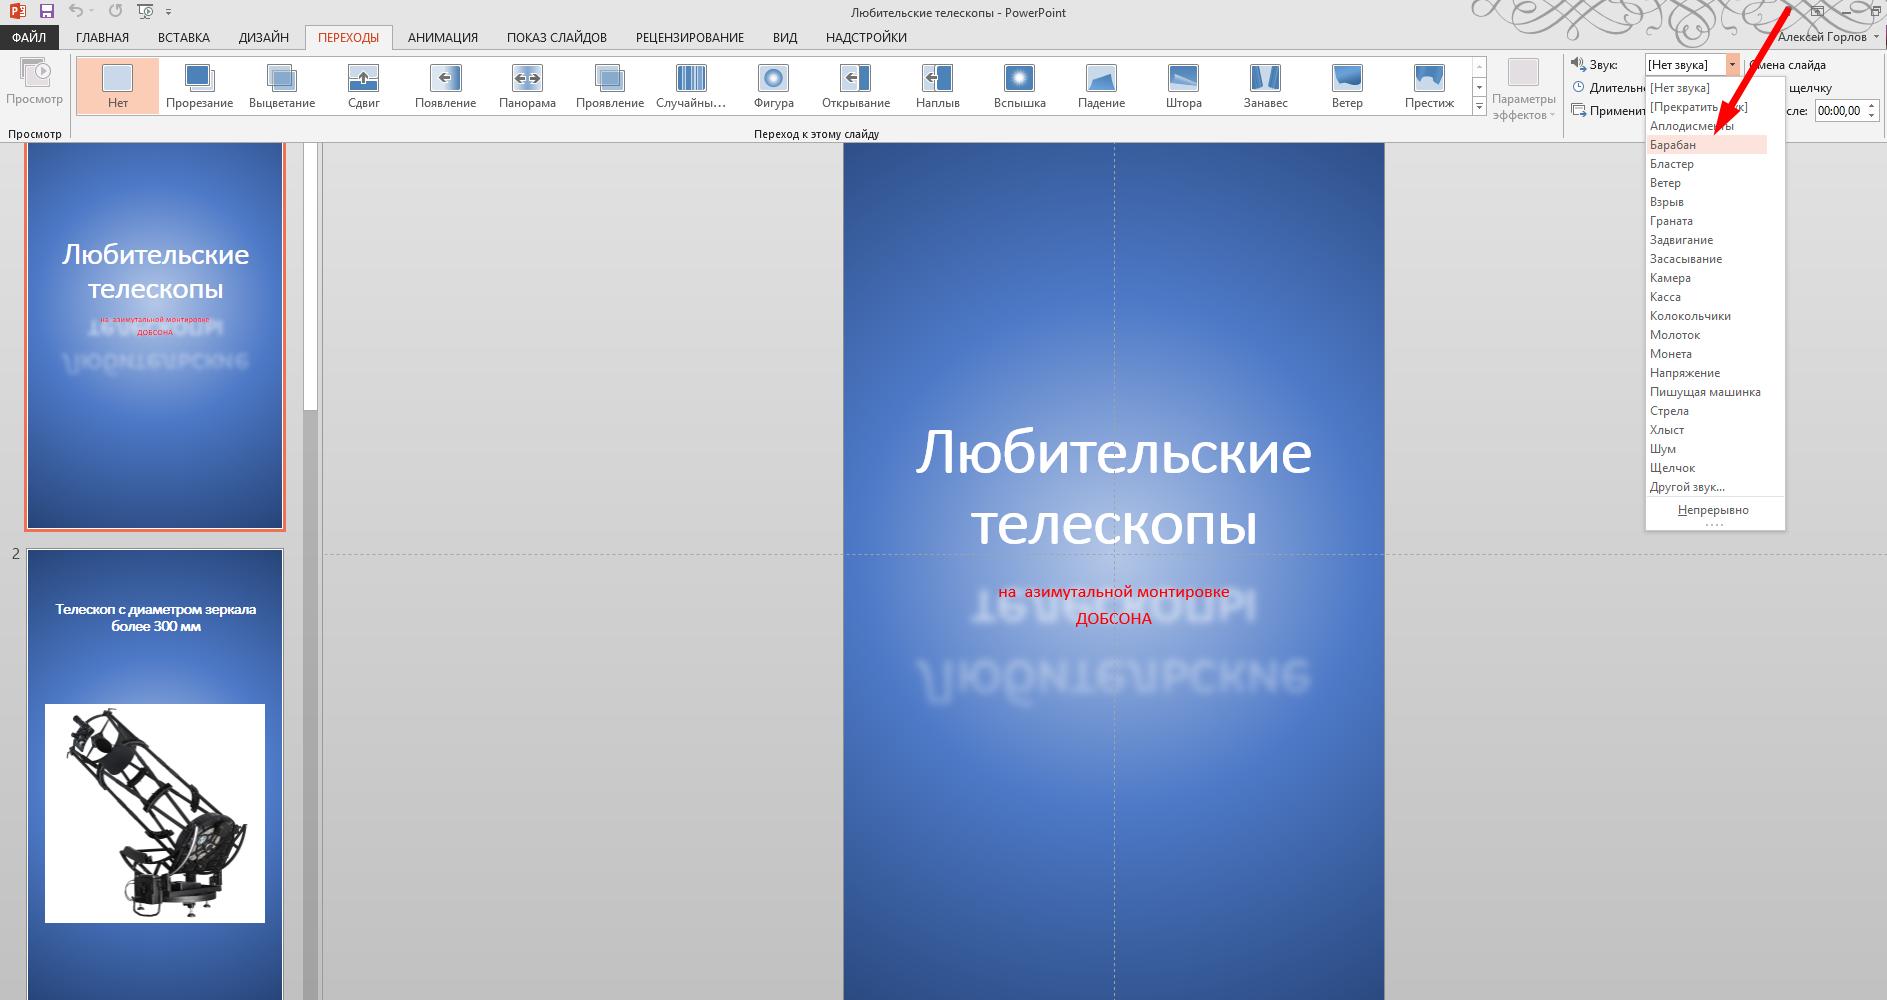 как сделать переходы в презентации powerpoint